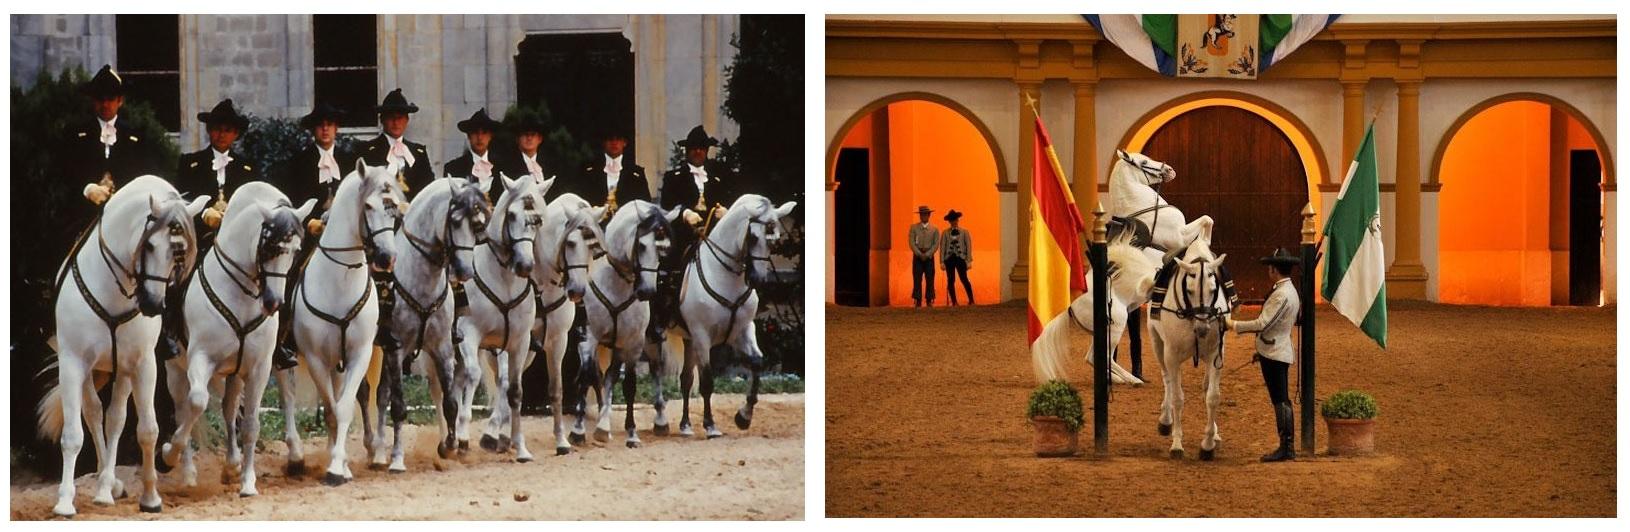 Август 2019 Испания, частный визит в Royal Andalusian School Of Equestrian Art - фото 02, , конный журнал EquiLIfe